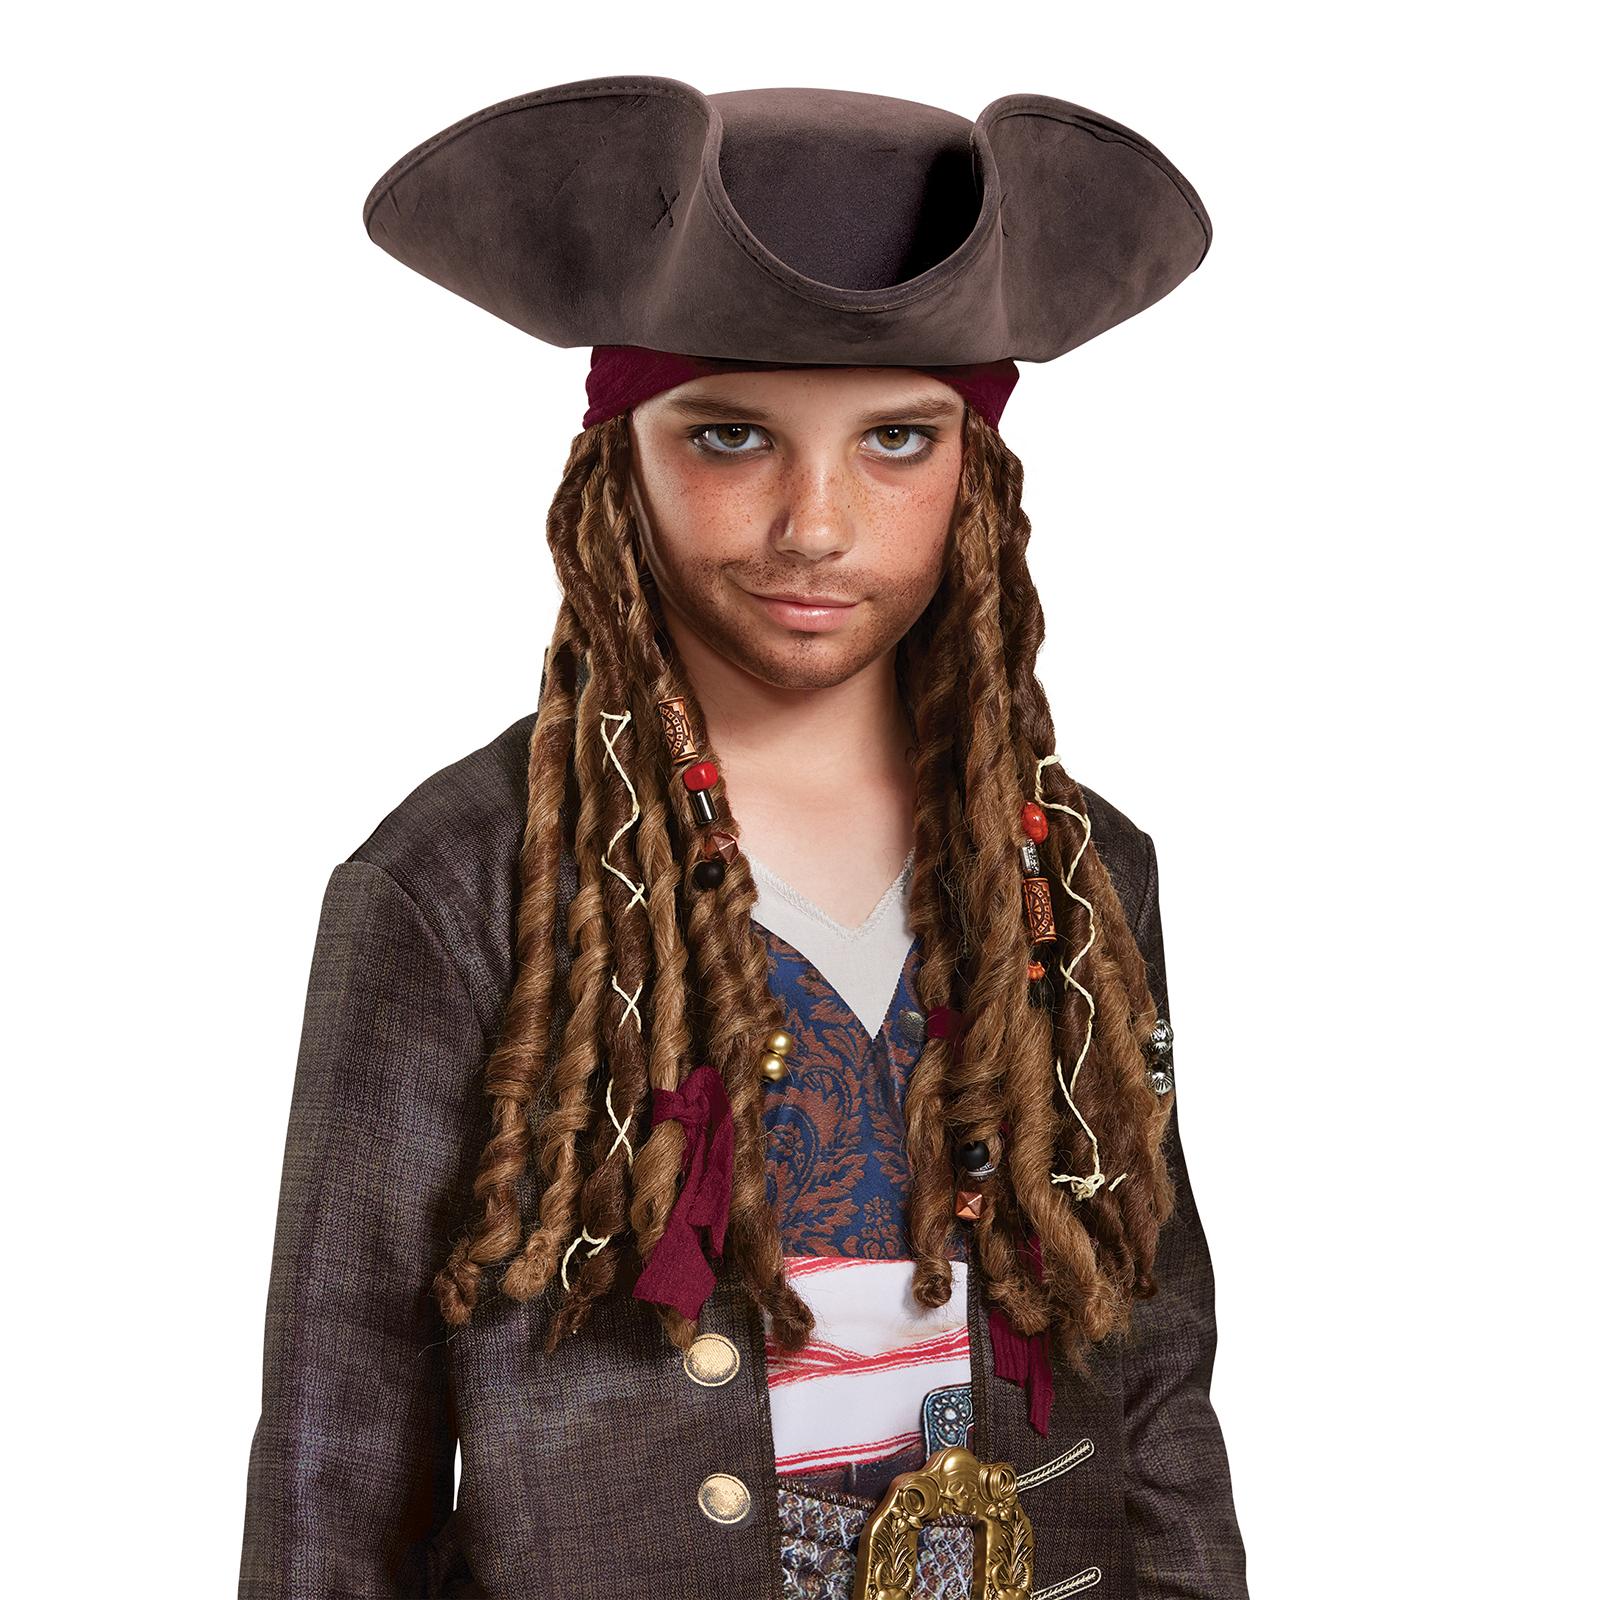 d07d2133a Pirates of the Caribbean 5: Captain Jack Hat Bandana & Dreads - Child